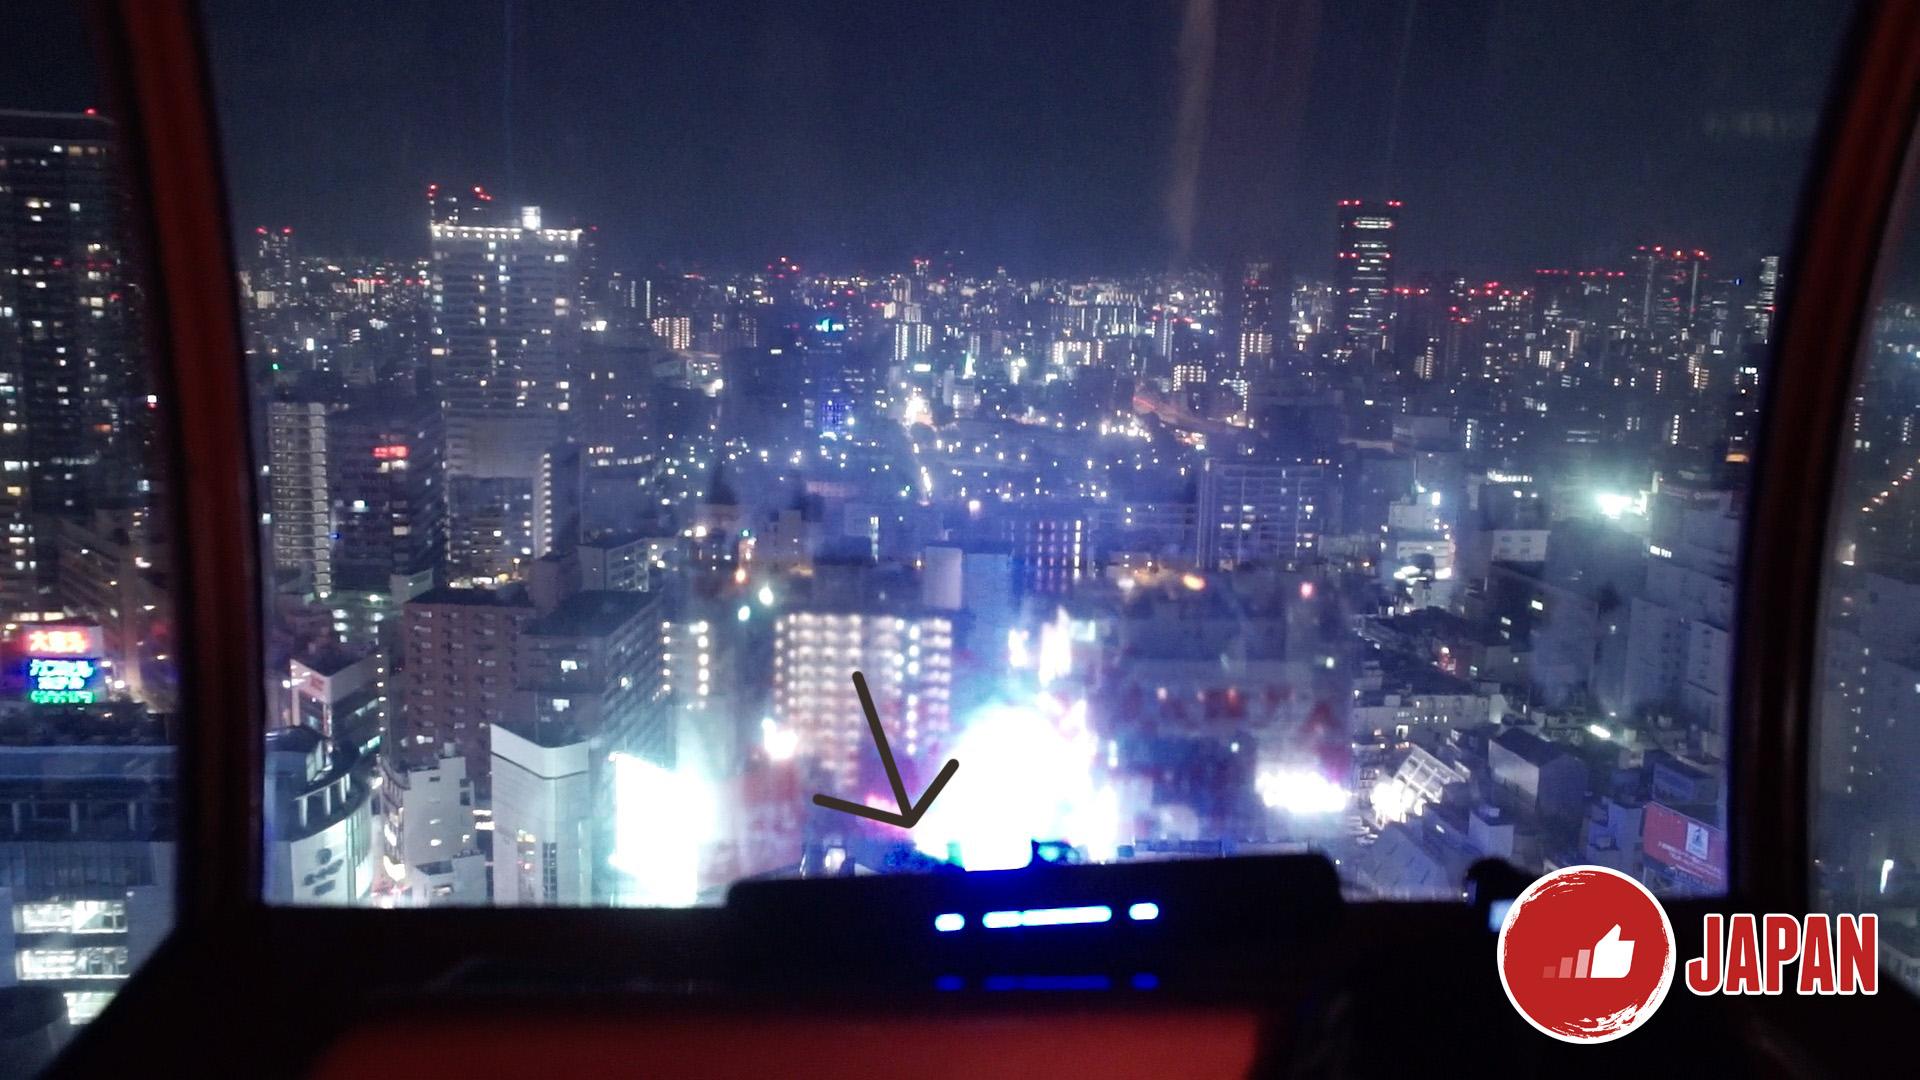 【大阪旅遊】大阪周遊卡免費景點推介2-HEP FIVE摩天輪